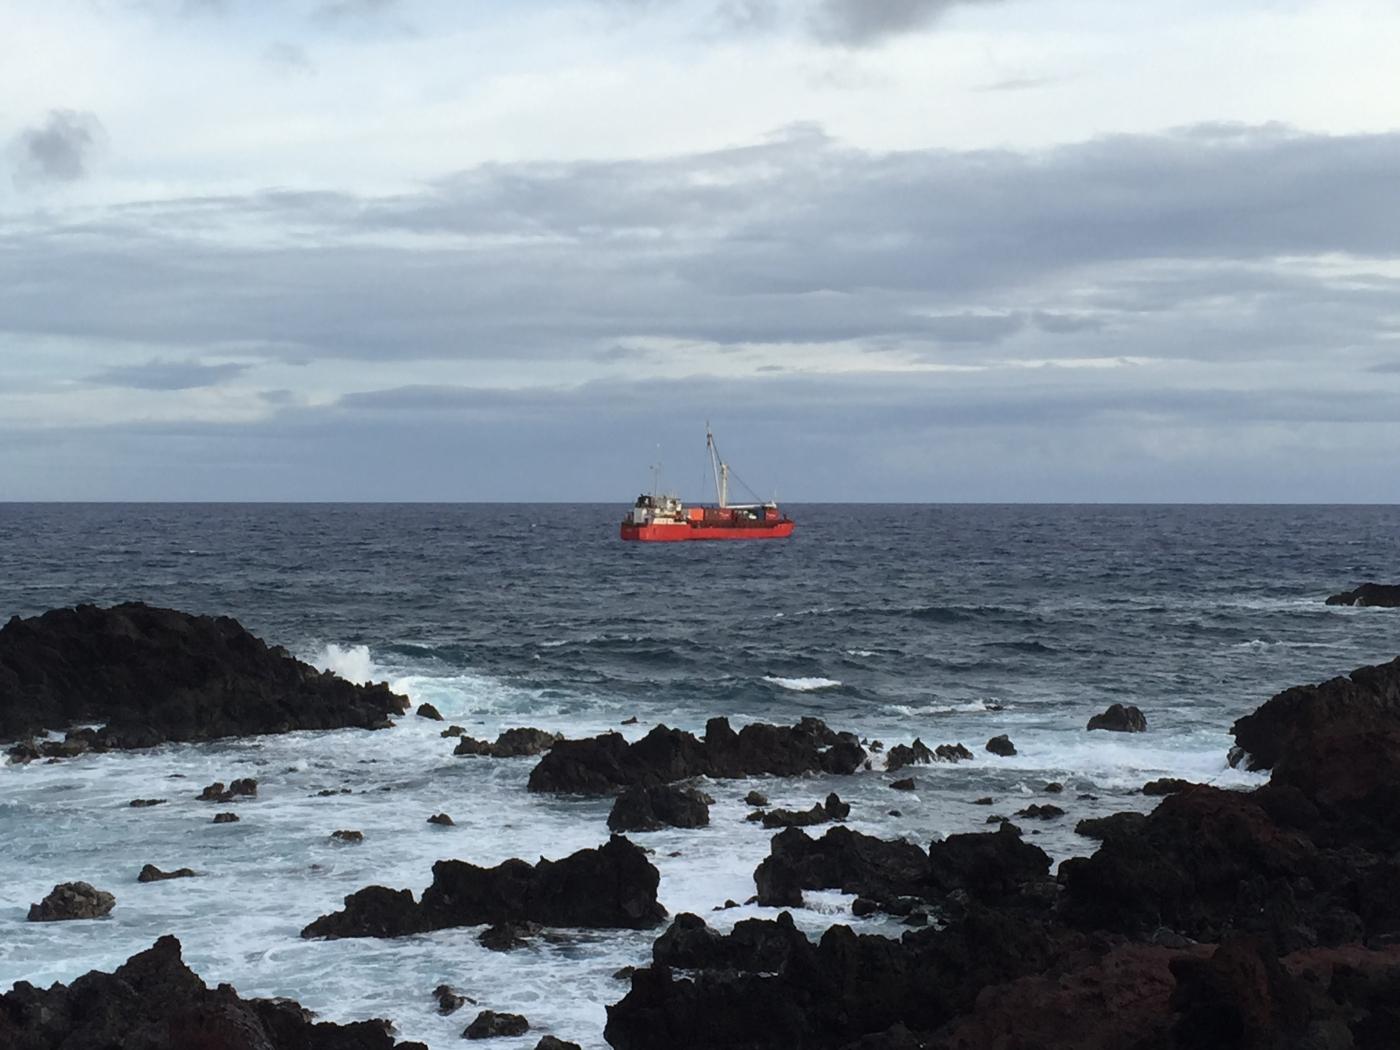 《我行故我在》之《復活節島:南太平洋的神秘之地》_图1-17